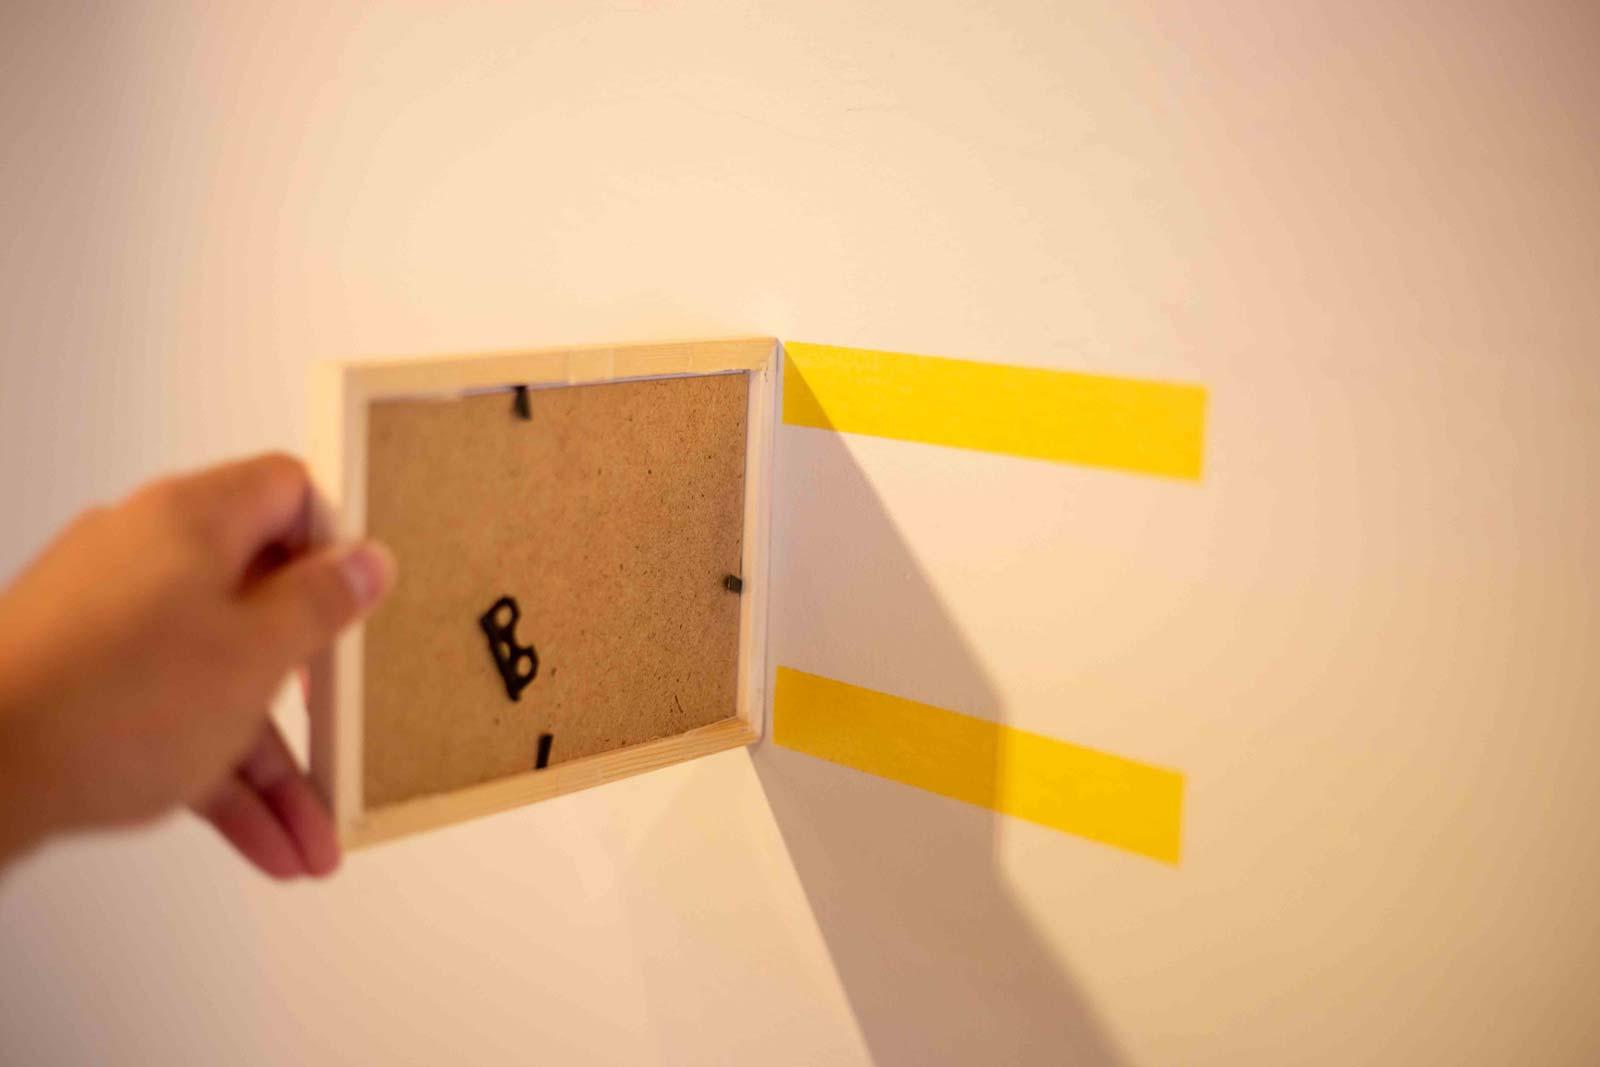 壁に貼り付けたマスキングテープの位置にフォトフレームを貼り付ける。位置がずれるとはみ出てしまうので注意が必要